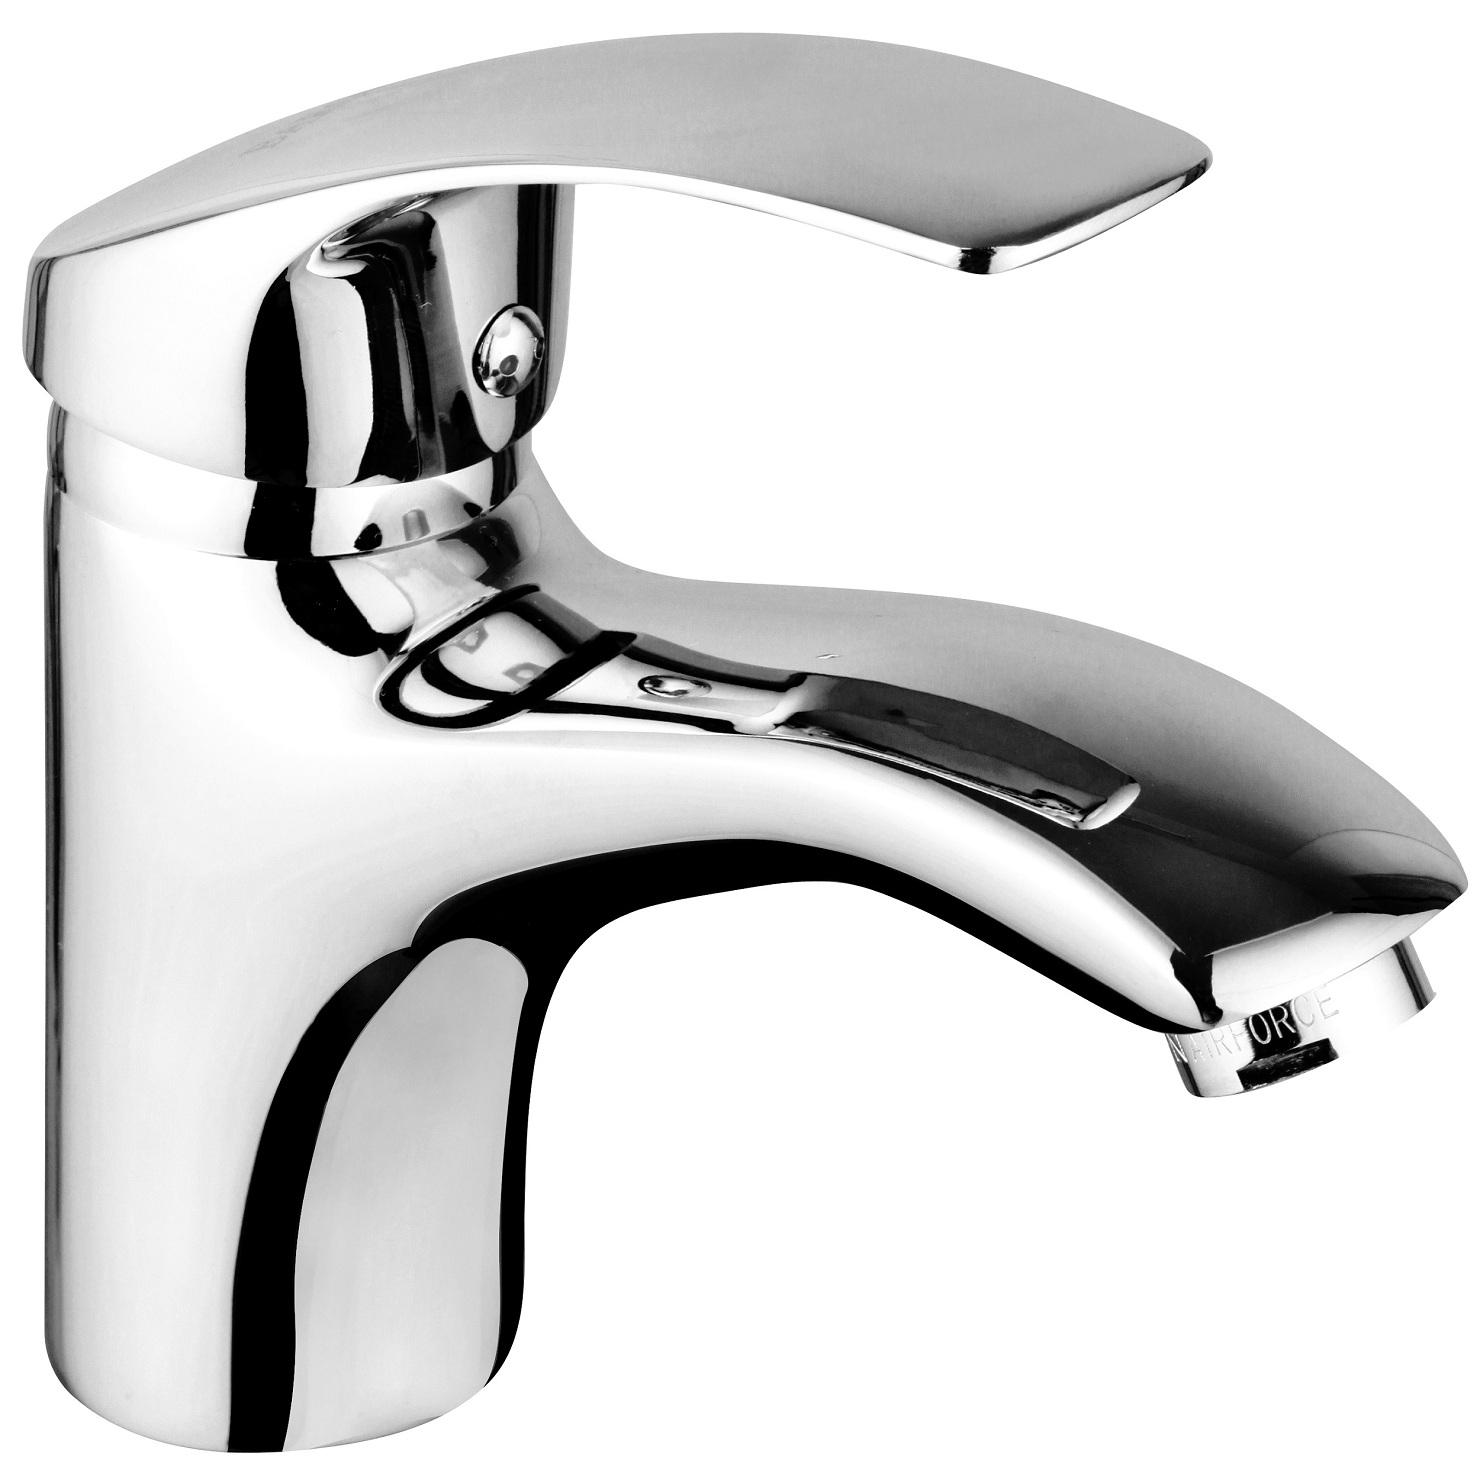 Купить китайский смеситель для раковины дизайн ванных комнат маленьких размеров